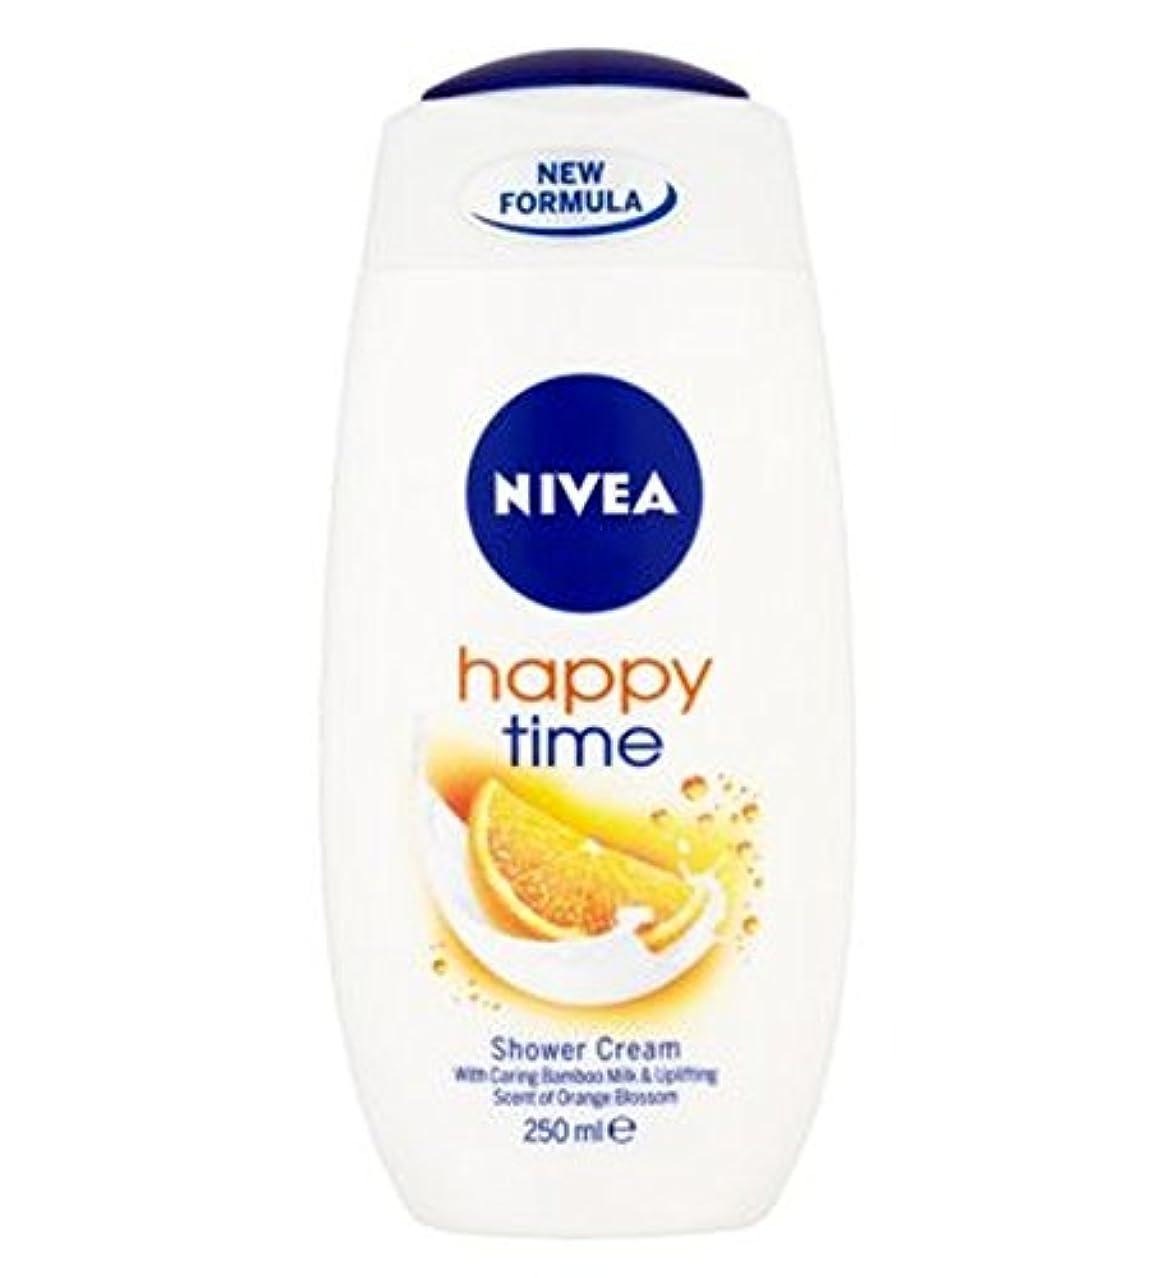 キャンディーピアノ限界NIVEA Happy Time Shower Cream 250ml - ニベア幸せな時間シャワークリーム250ミリリットル (Nivea) [並行輸入品]